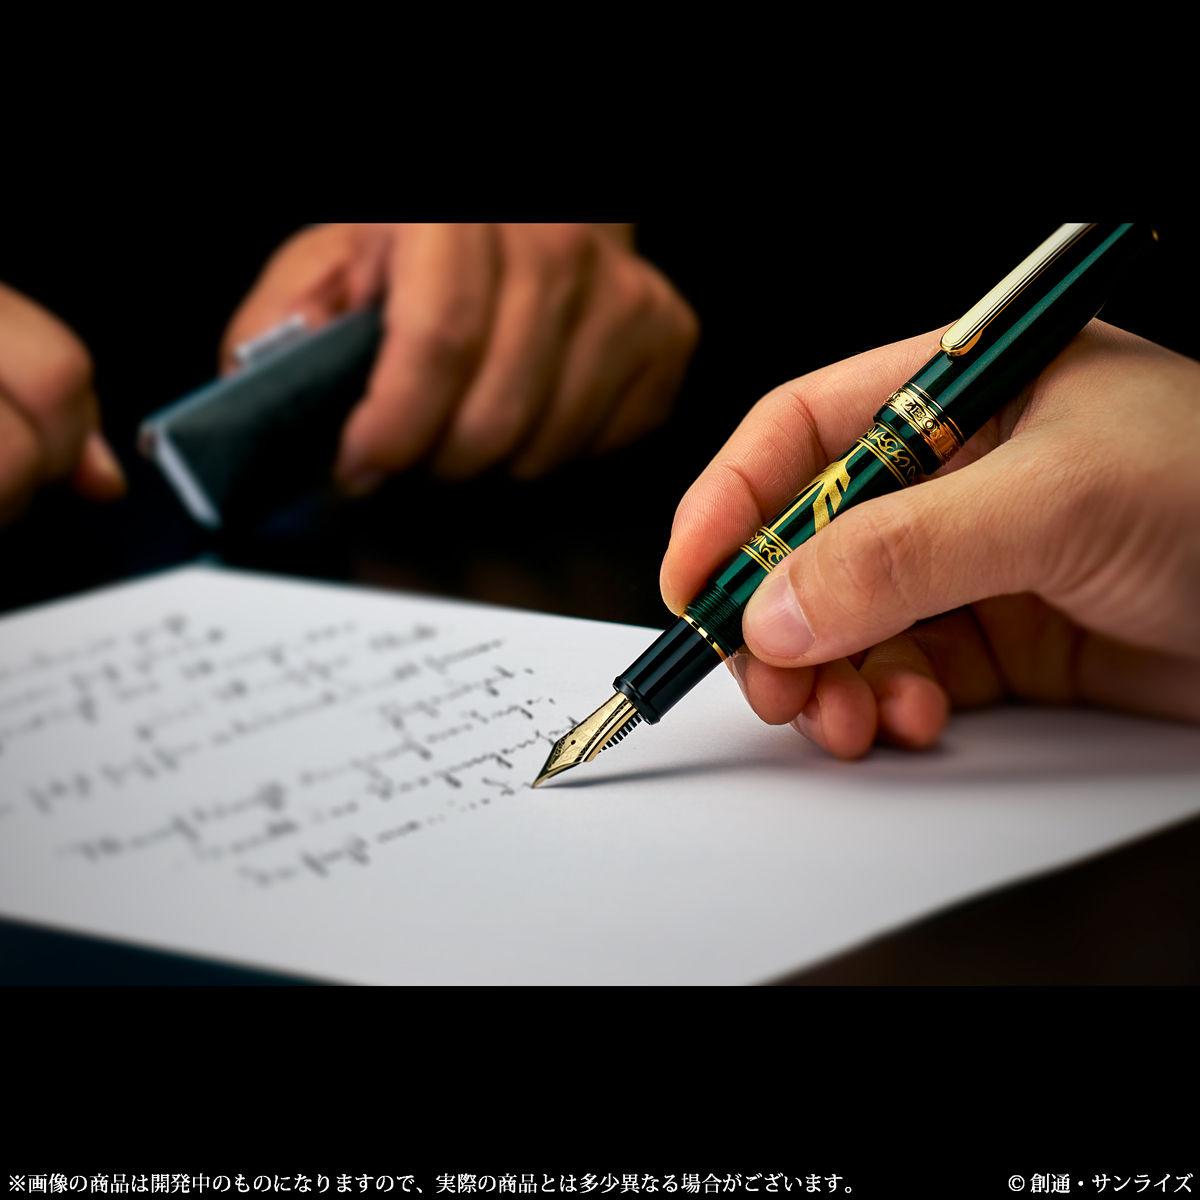 機動戦士ガンダム『ザビ家御用達万年筆-SPECIAL EDITION-』-008